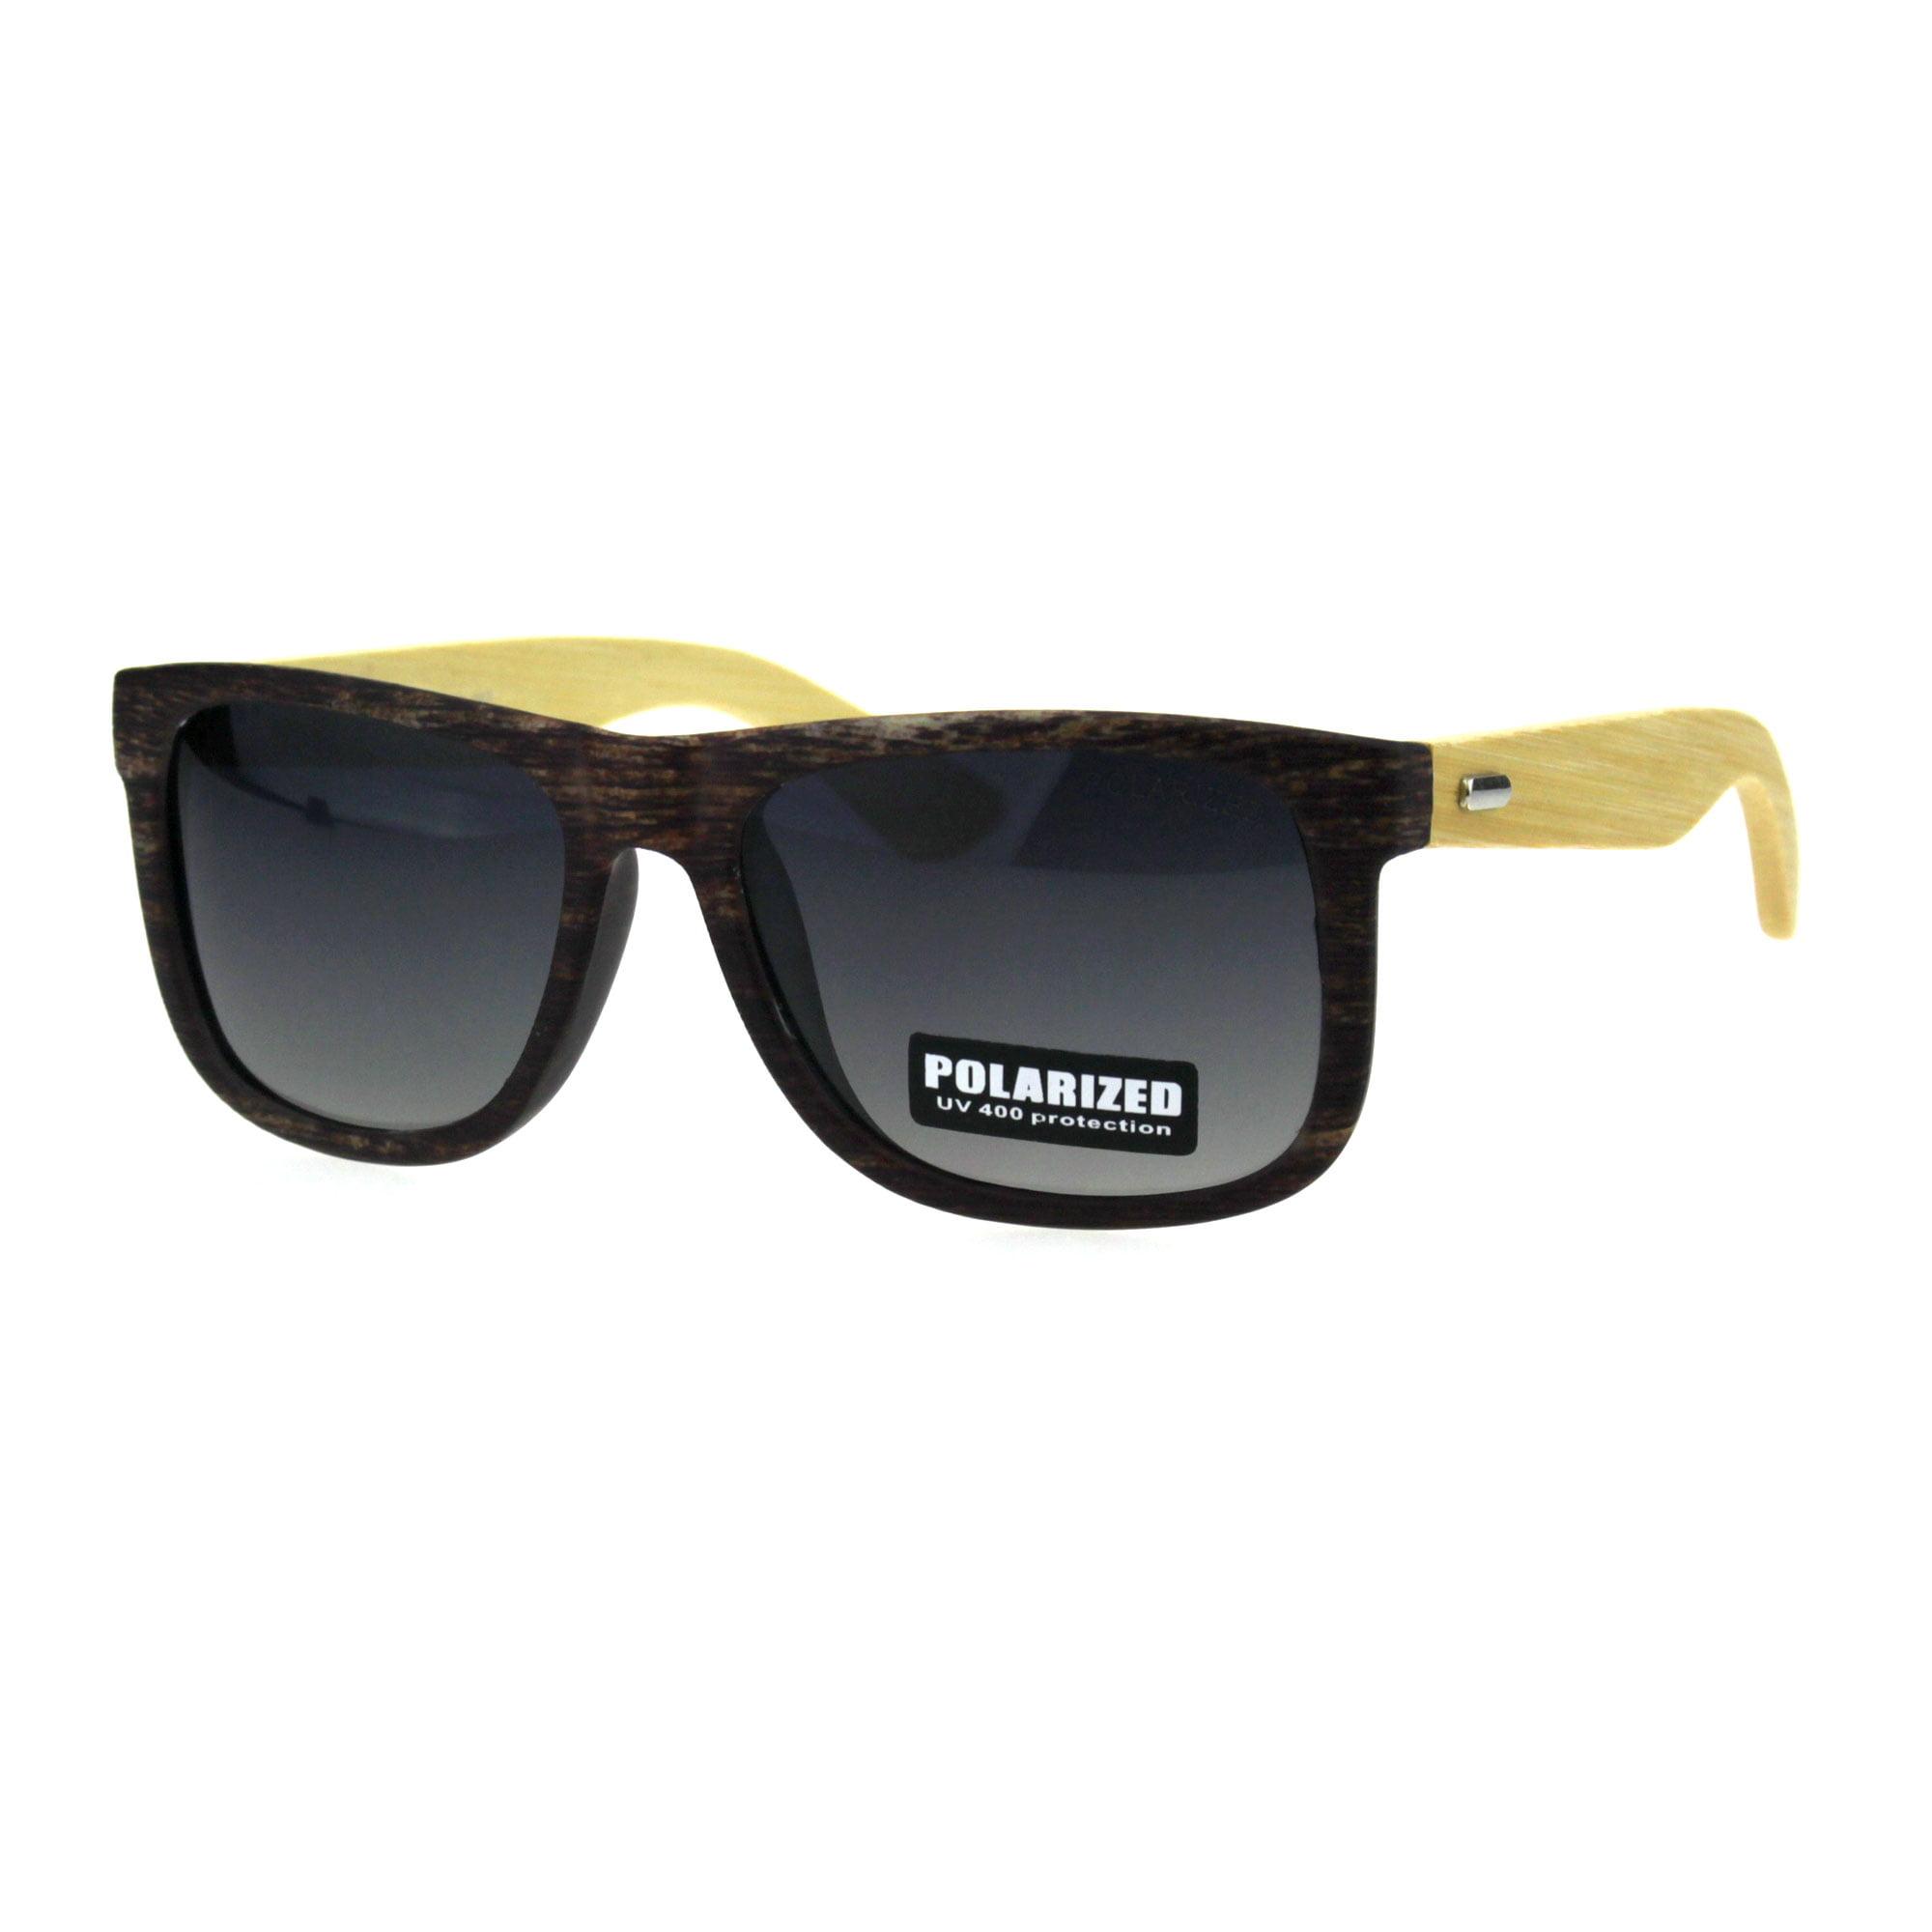 c959ad8451 Mens Polarized Lens Rectangular Horn Rim Hipster Bamboo Arm Sunglasses  Matte Black Green